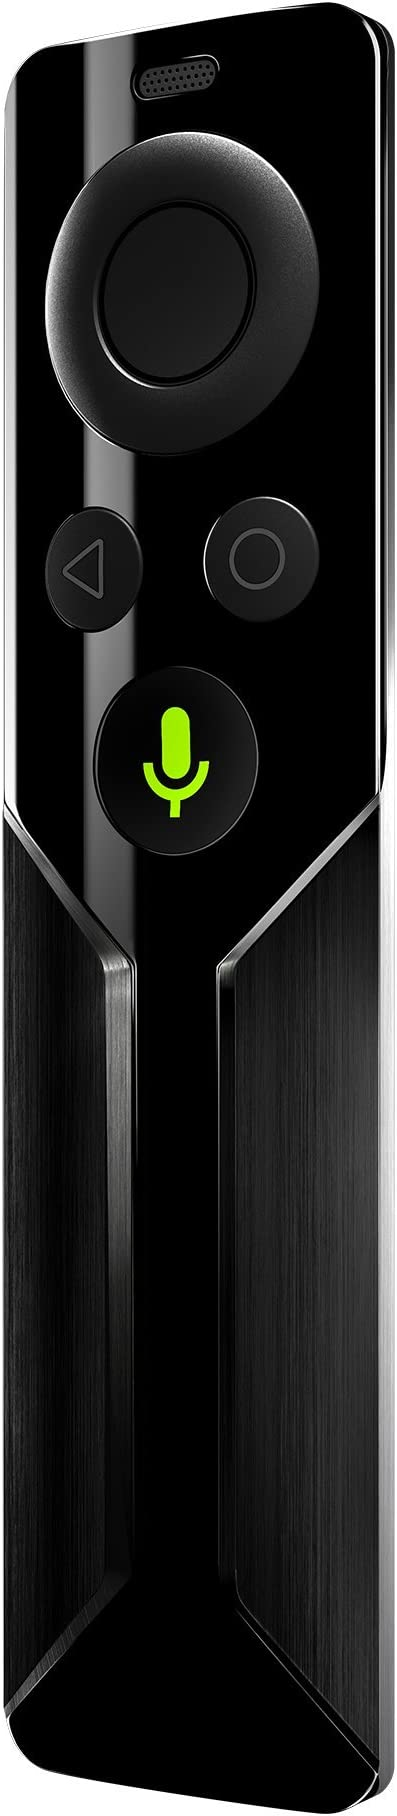 NVIDIA SHIELD Remote: Amazon.es: Electrónica